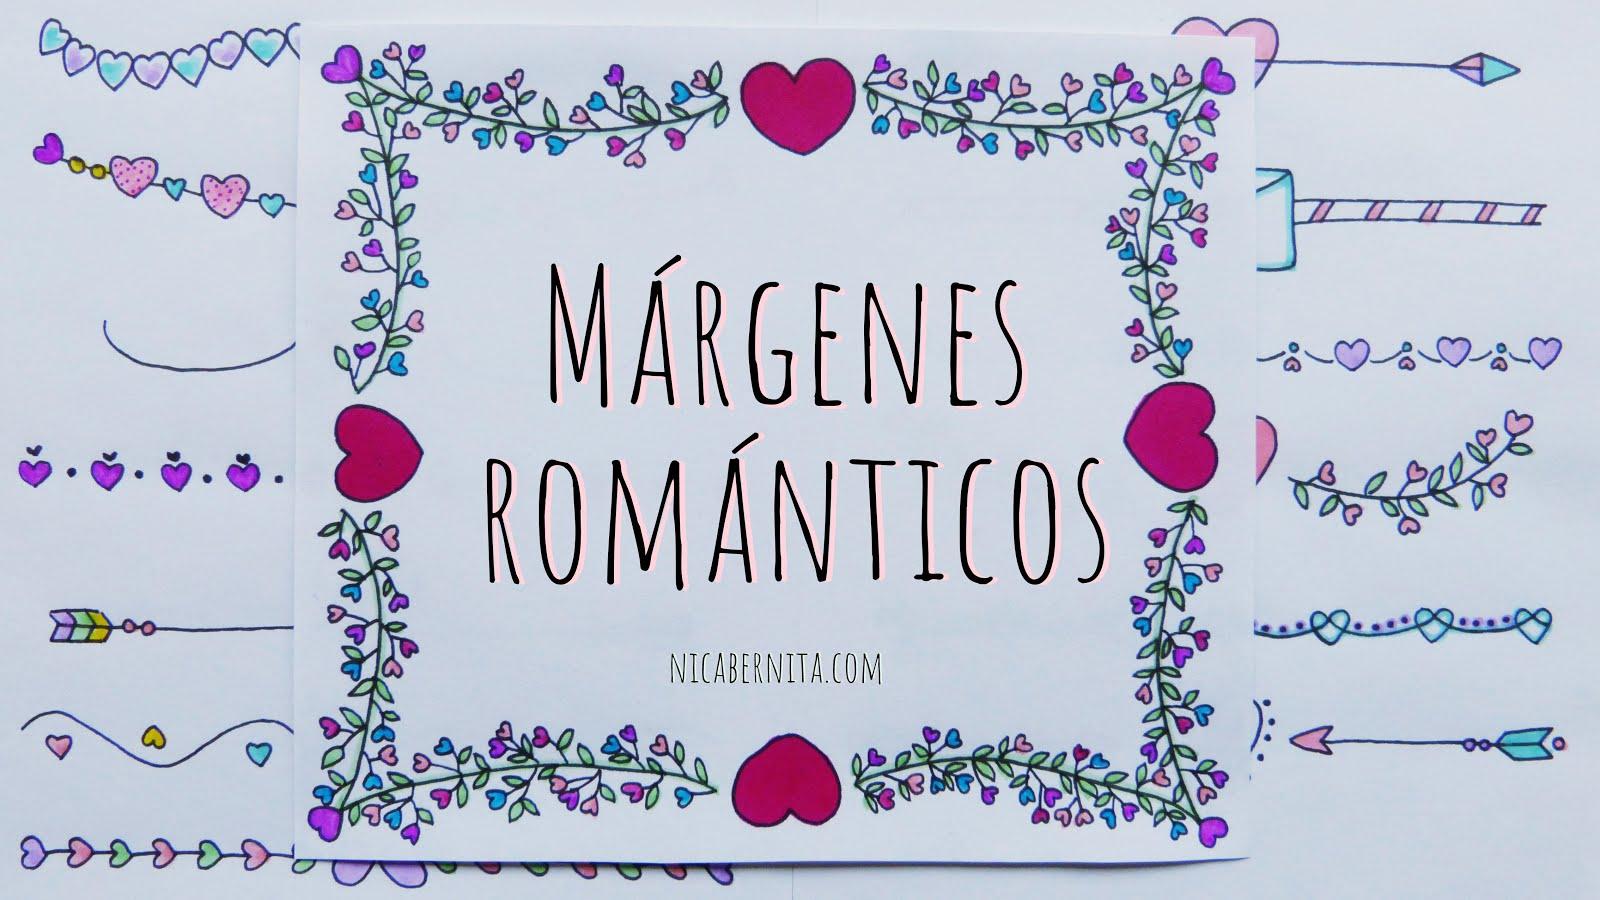 Mas De 30 Ideas De Margenes Para Decorar Cuadernos Y Cartas De Amor - Imagenes-para-decorar